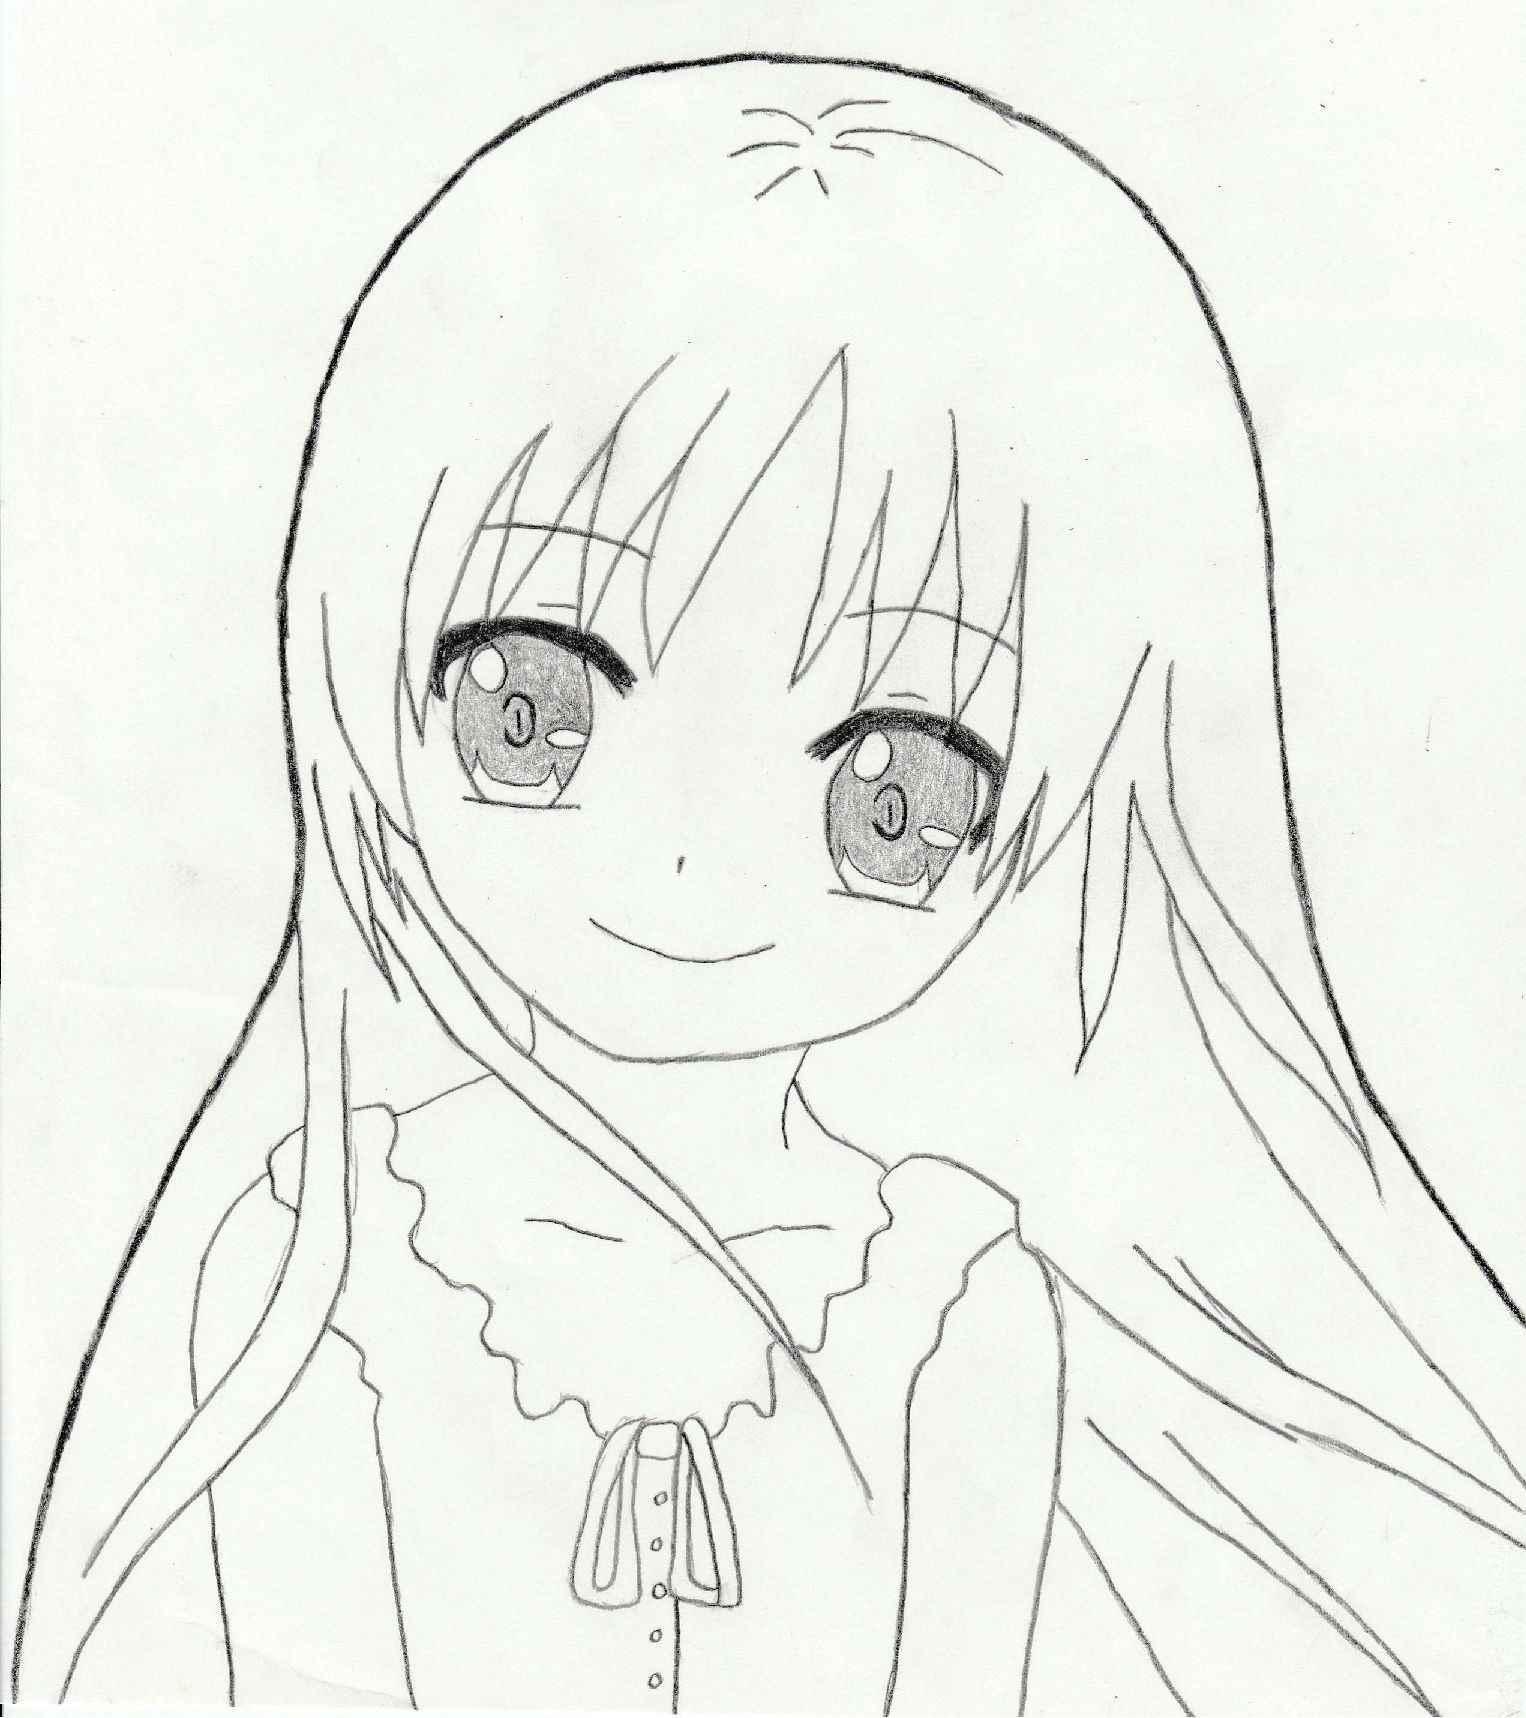 Красивые аниме девушки для срисовки, рисунки 16